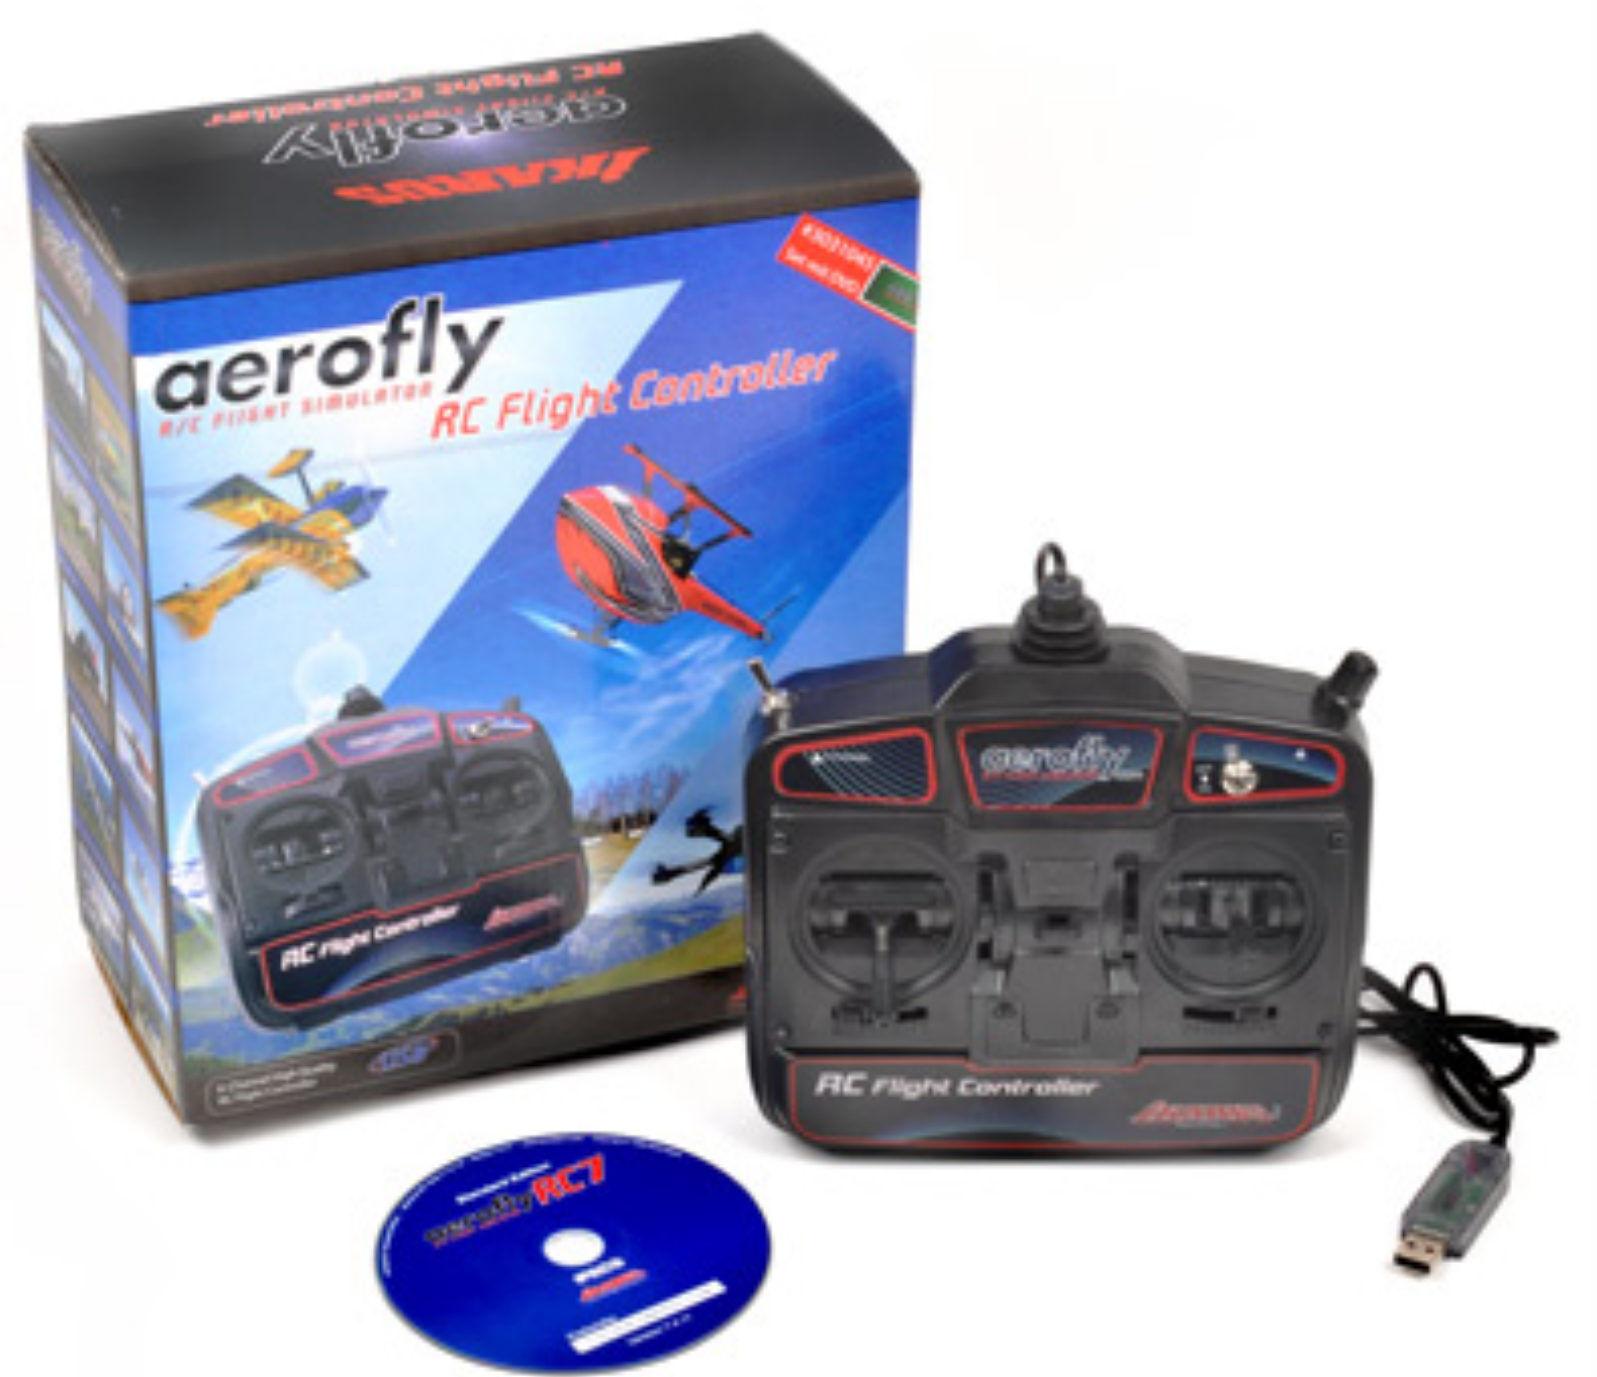 T2m Ikarus Aerofly rc7 LIGHT simulatore di volo ik3031045 incl. trasmettitore